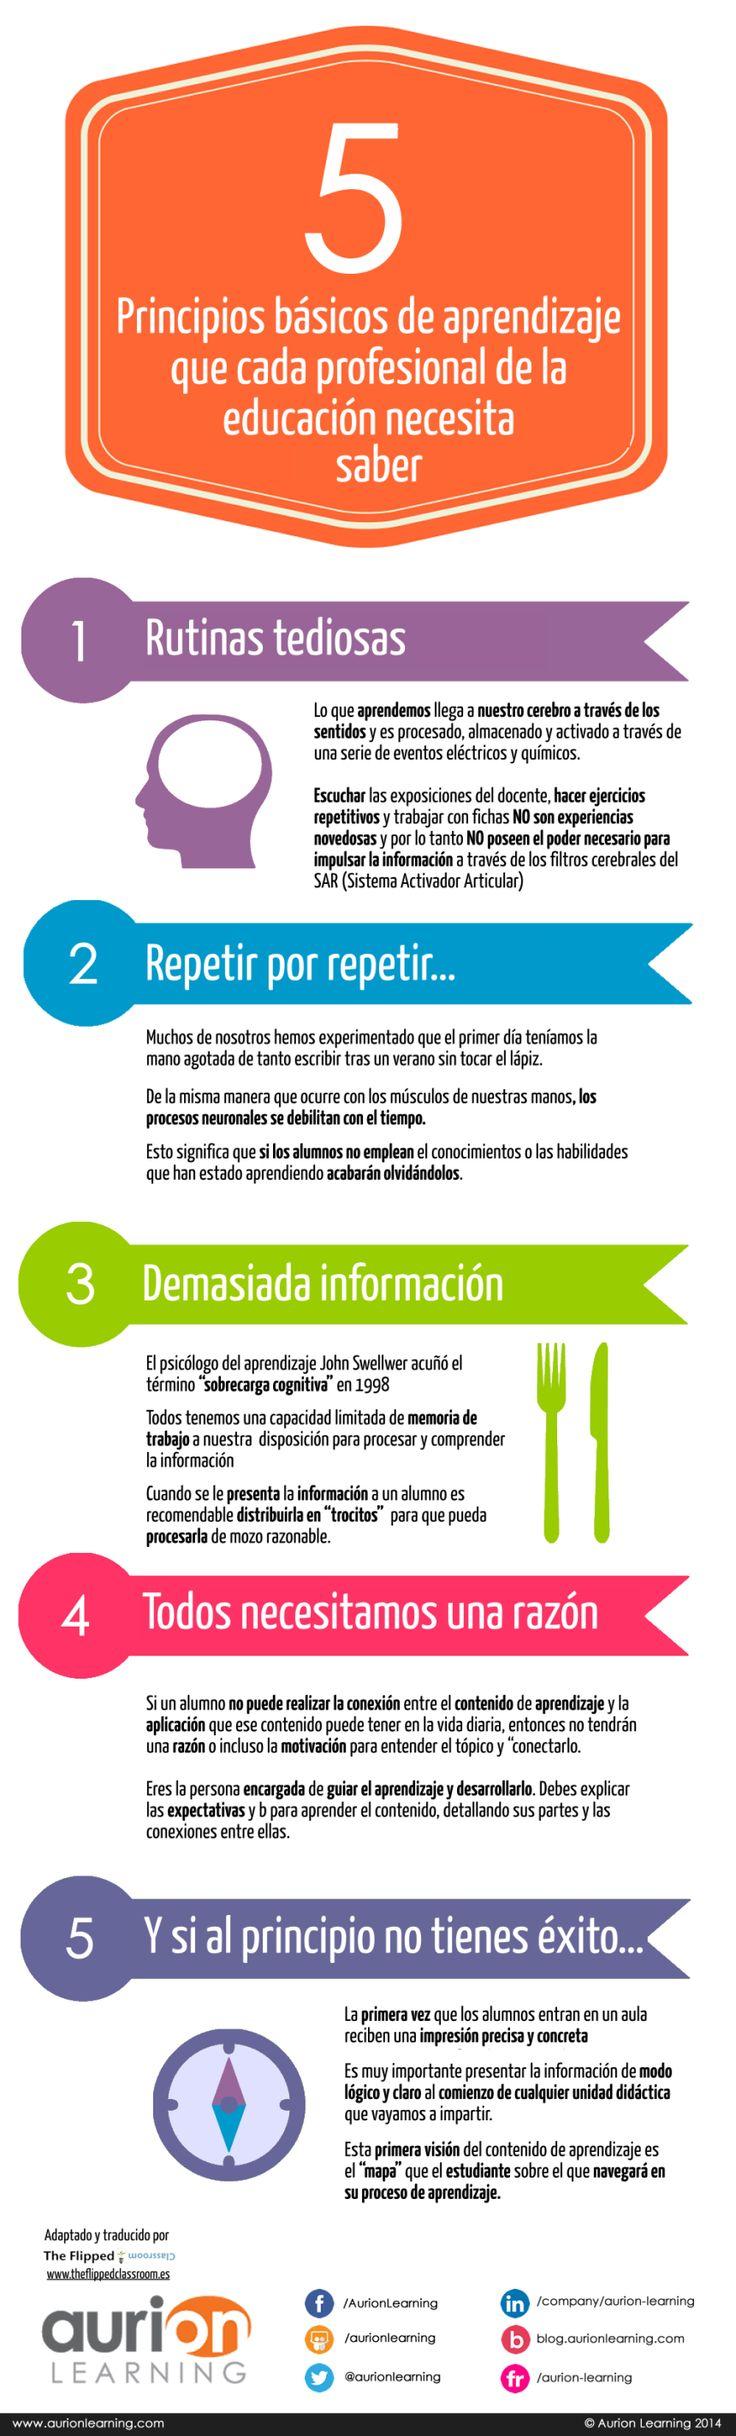 5 Principios básicos de aprendizaje que cada profesional de la educación necesita saber #infografia #education